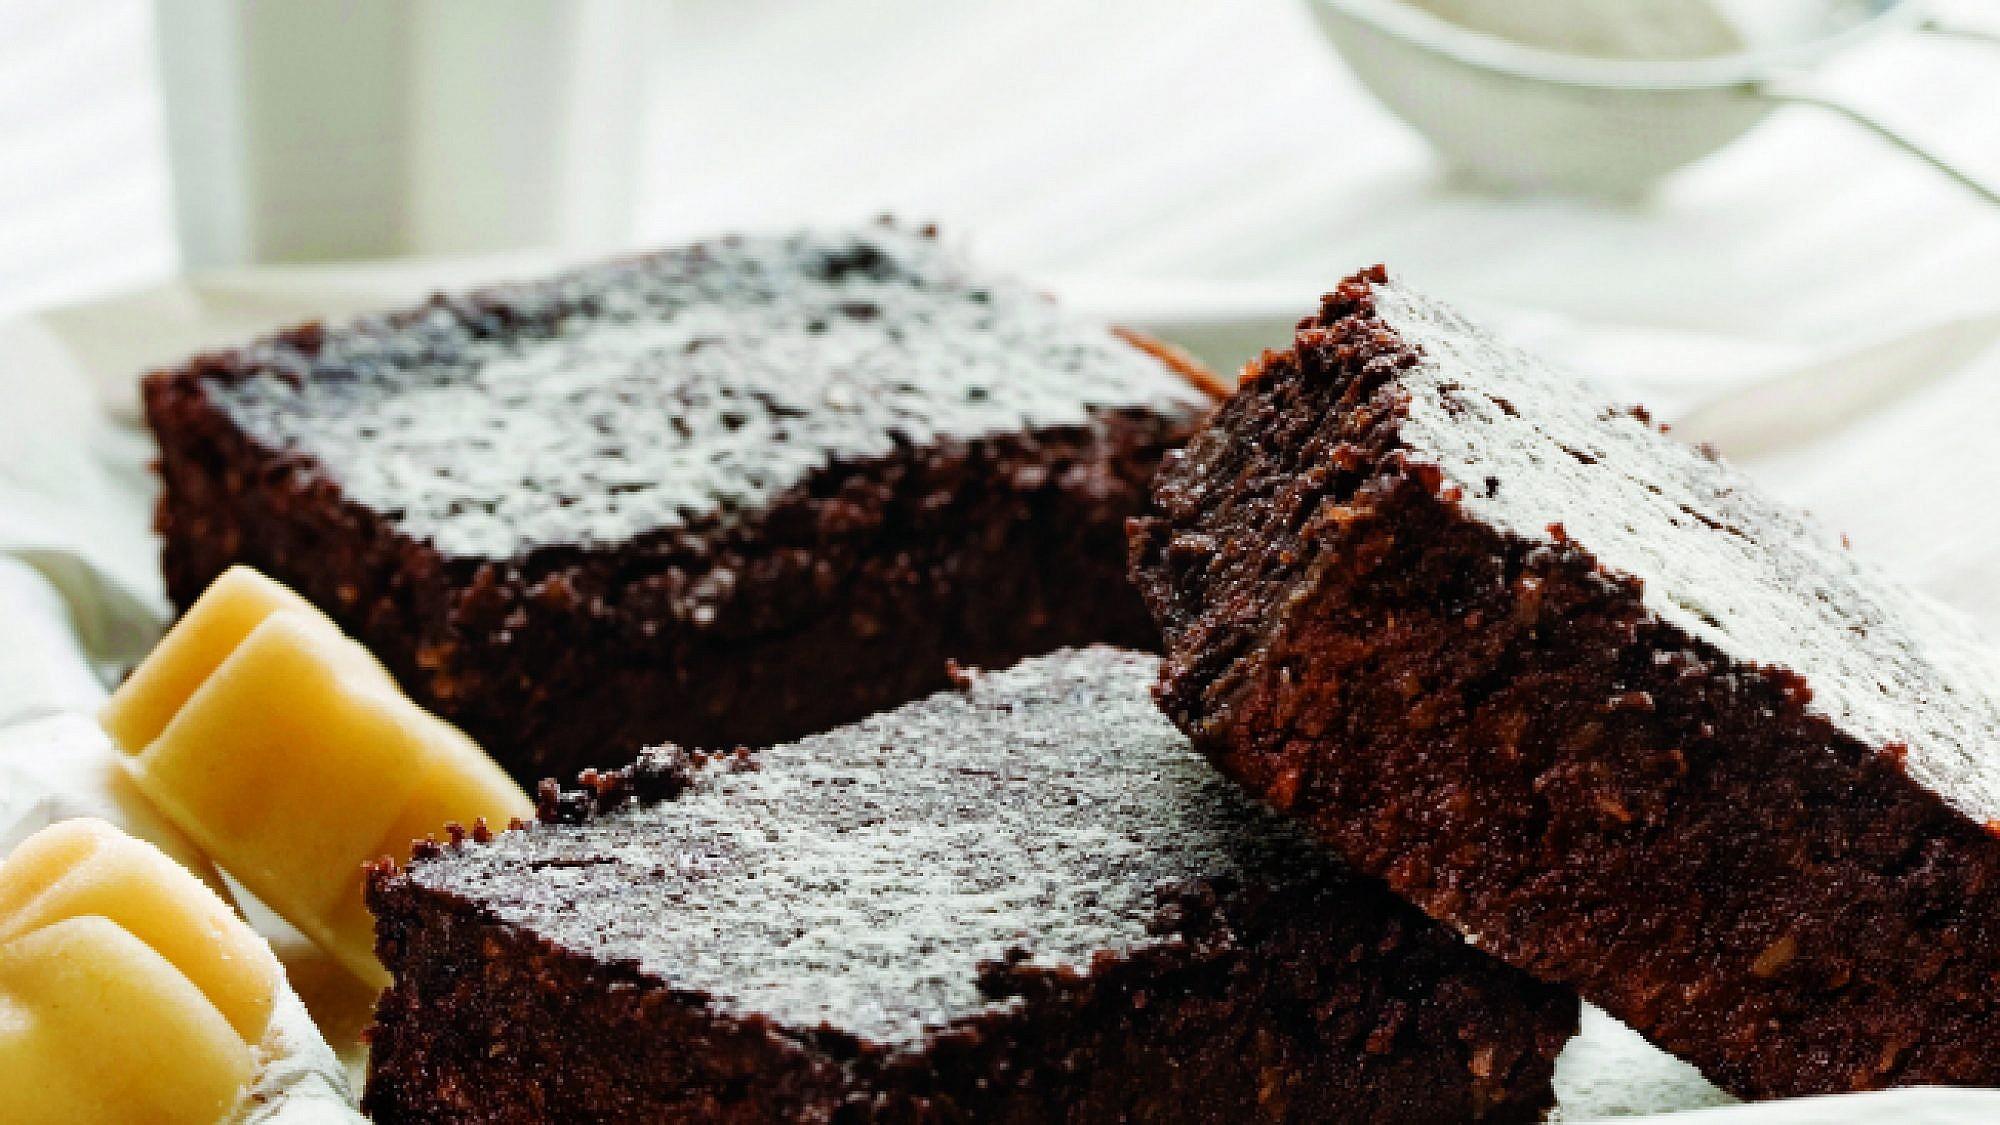 בראוניז מרציפן, שוקולד וקוקוס. צילום: בועז לביא | סגנון: טליה אסיף